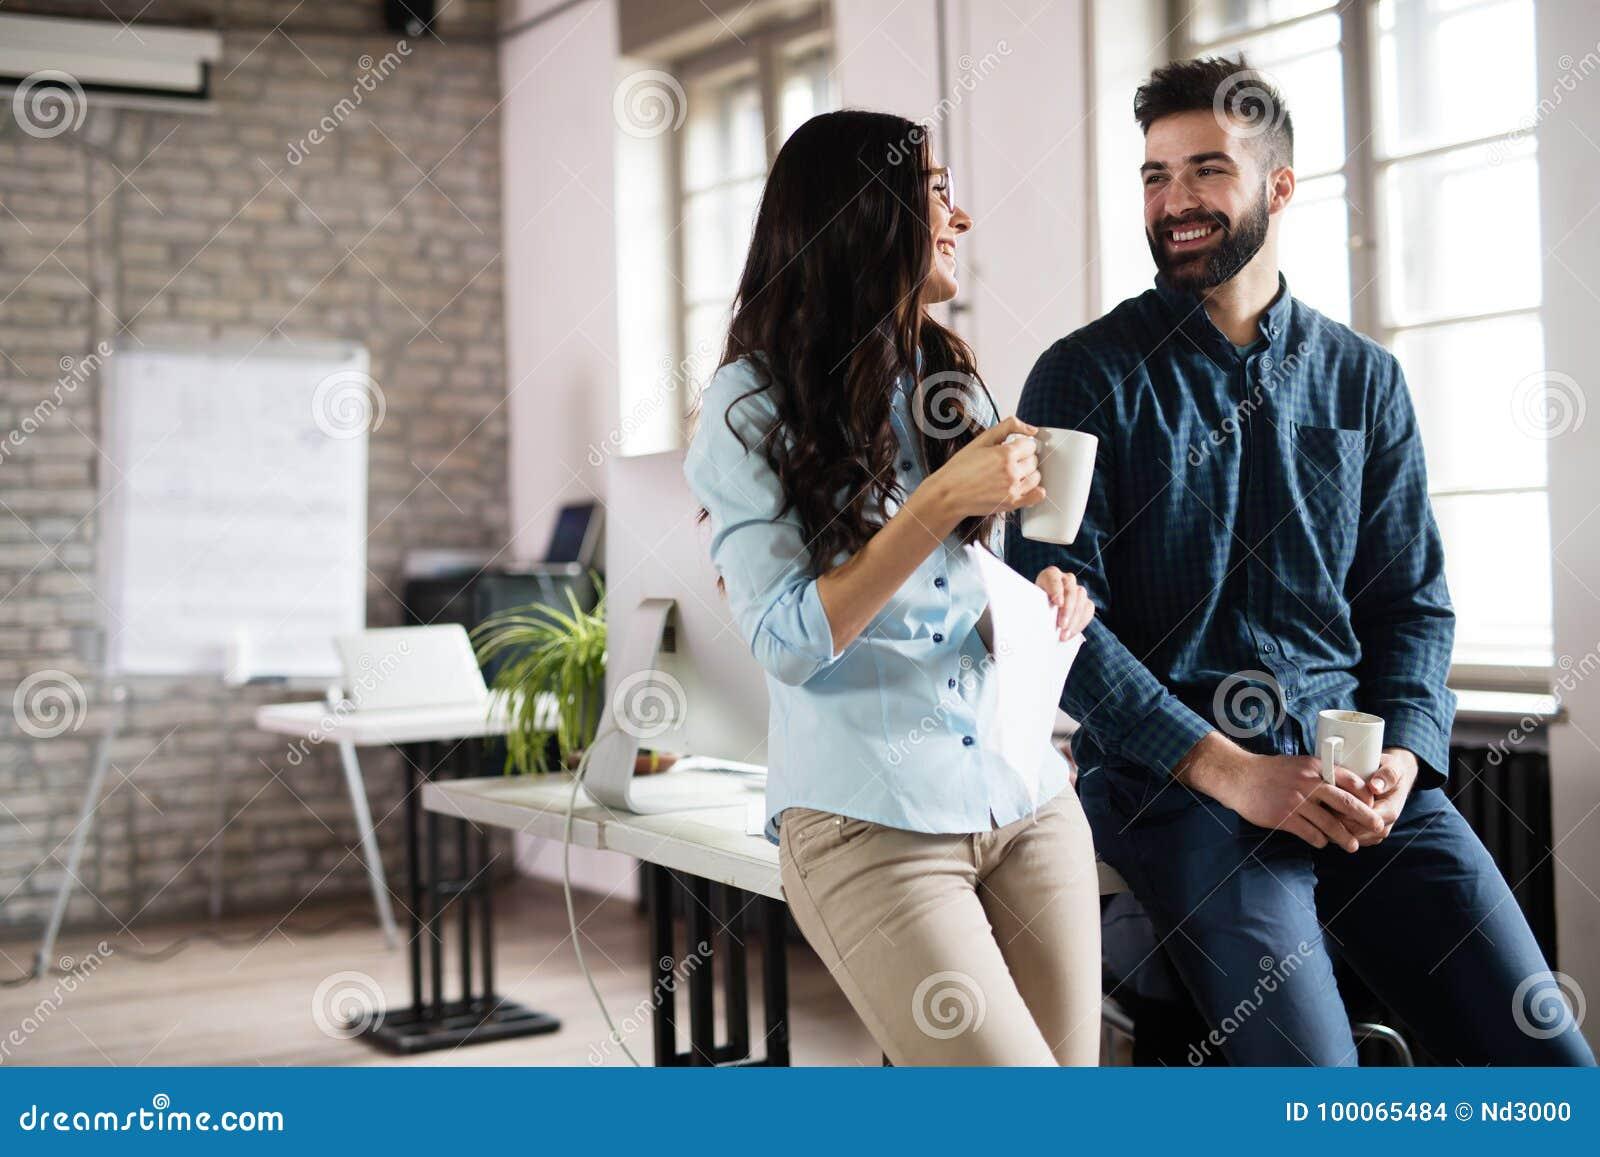 σκέψεις για dating με έναν συνάδελφο αυξητική στήθους που χρονολογείται